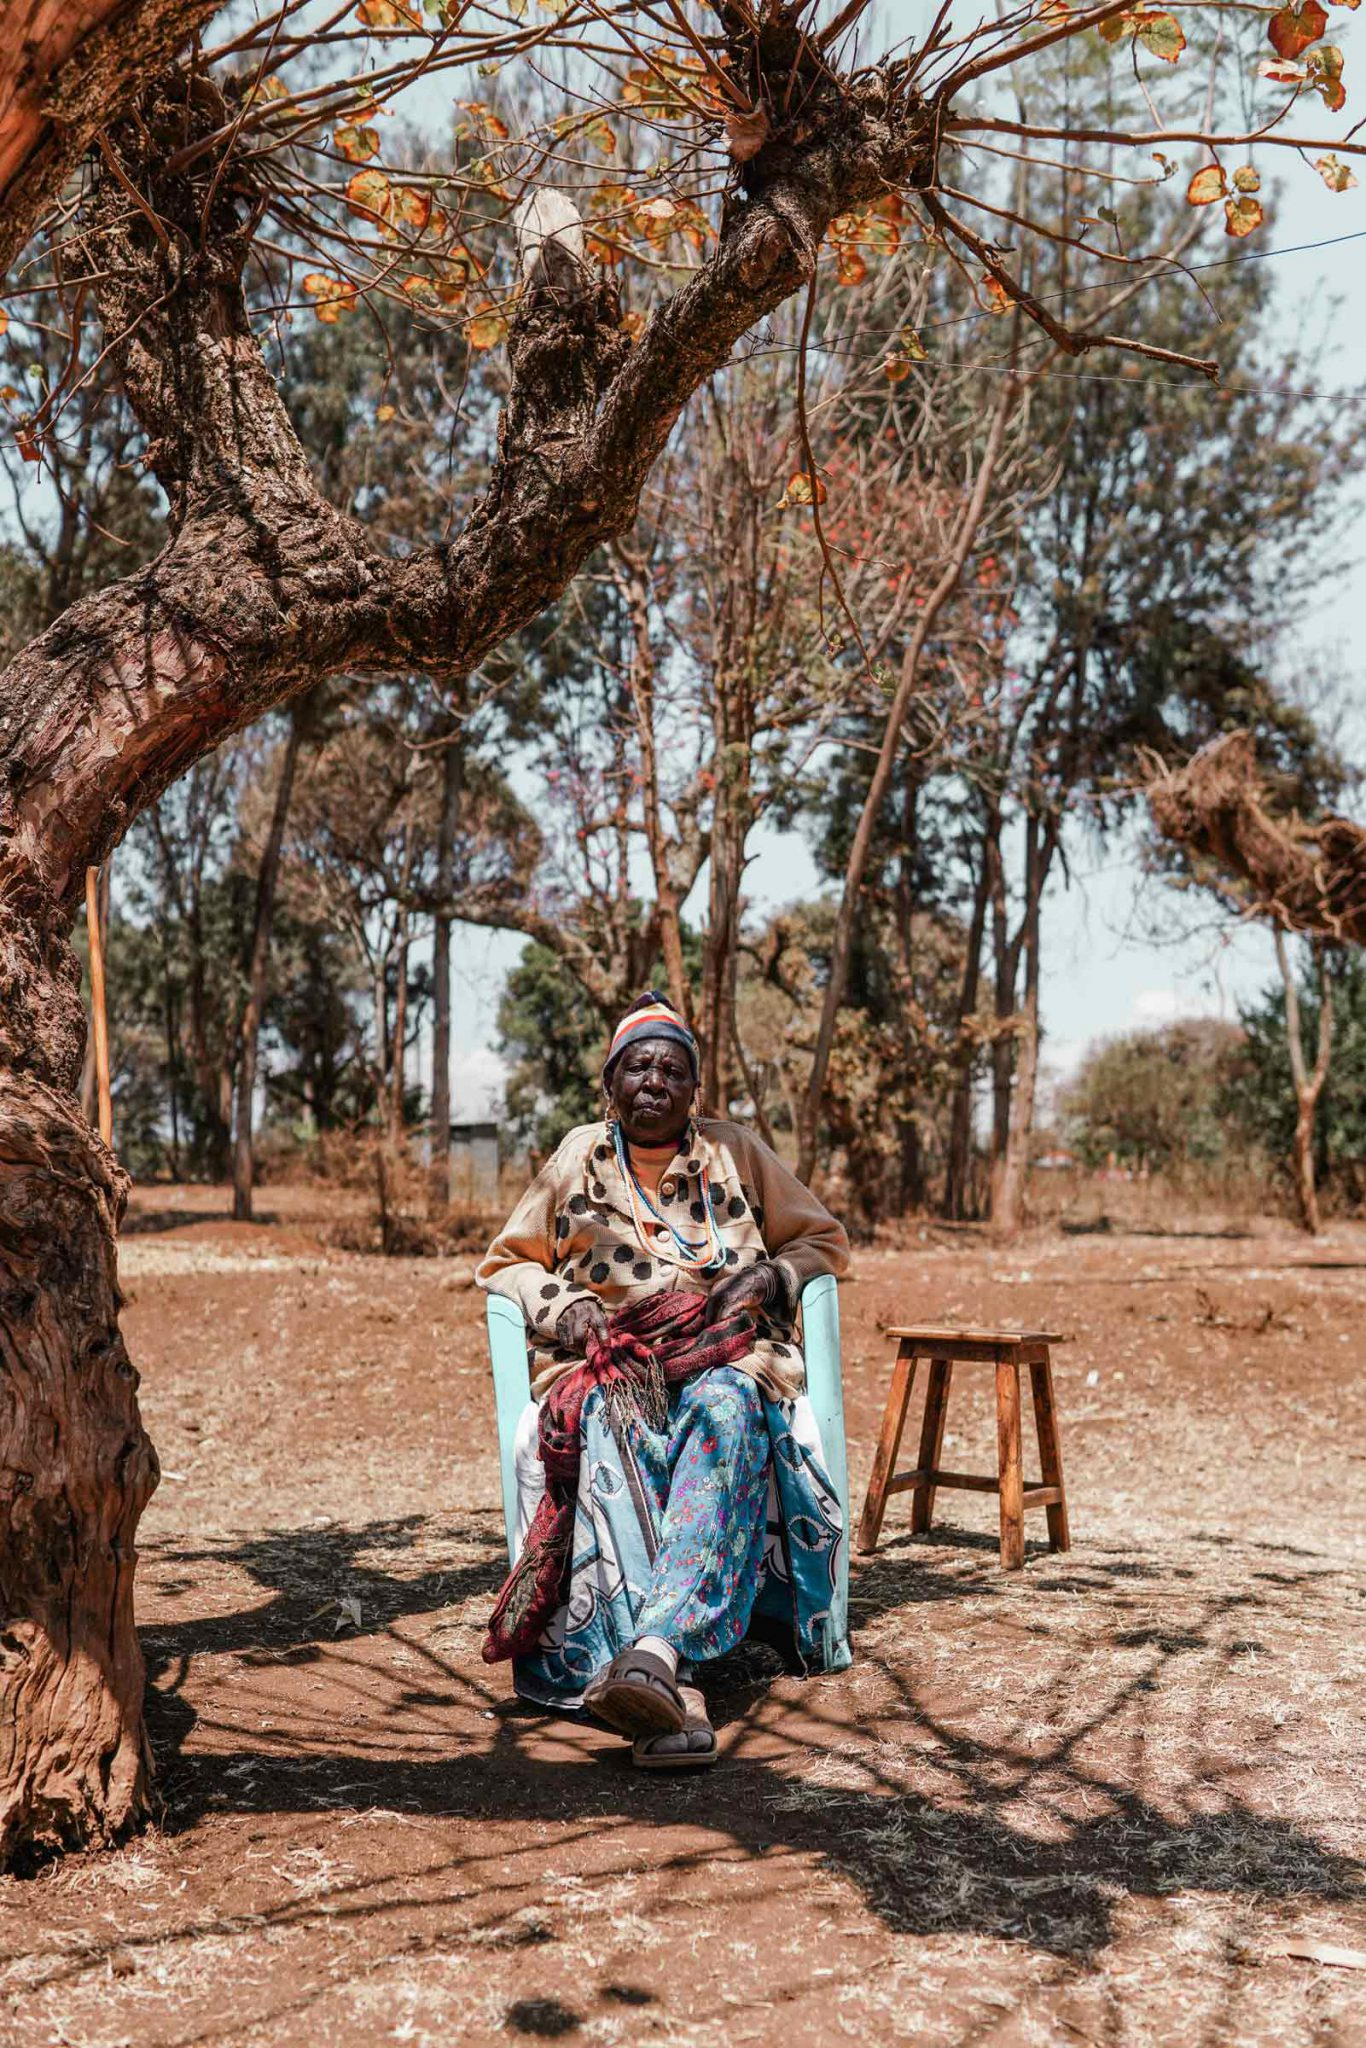 Ilsoo_van_Dijk_Ilsoovandijk_Kenya_The_Raindance_Project_2019_25